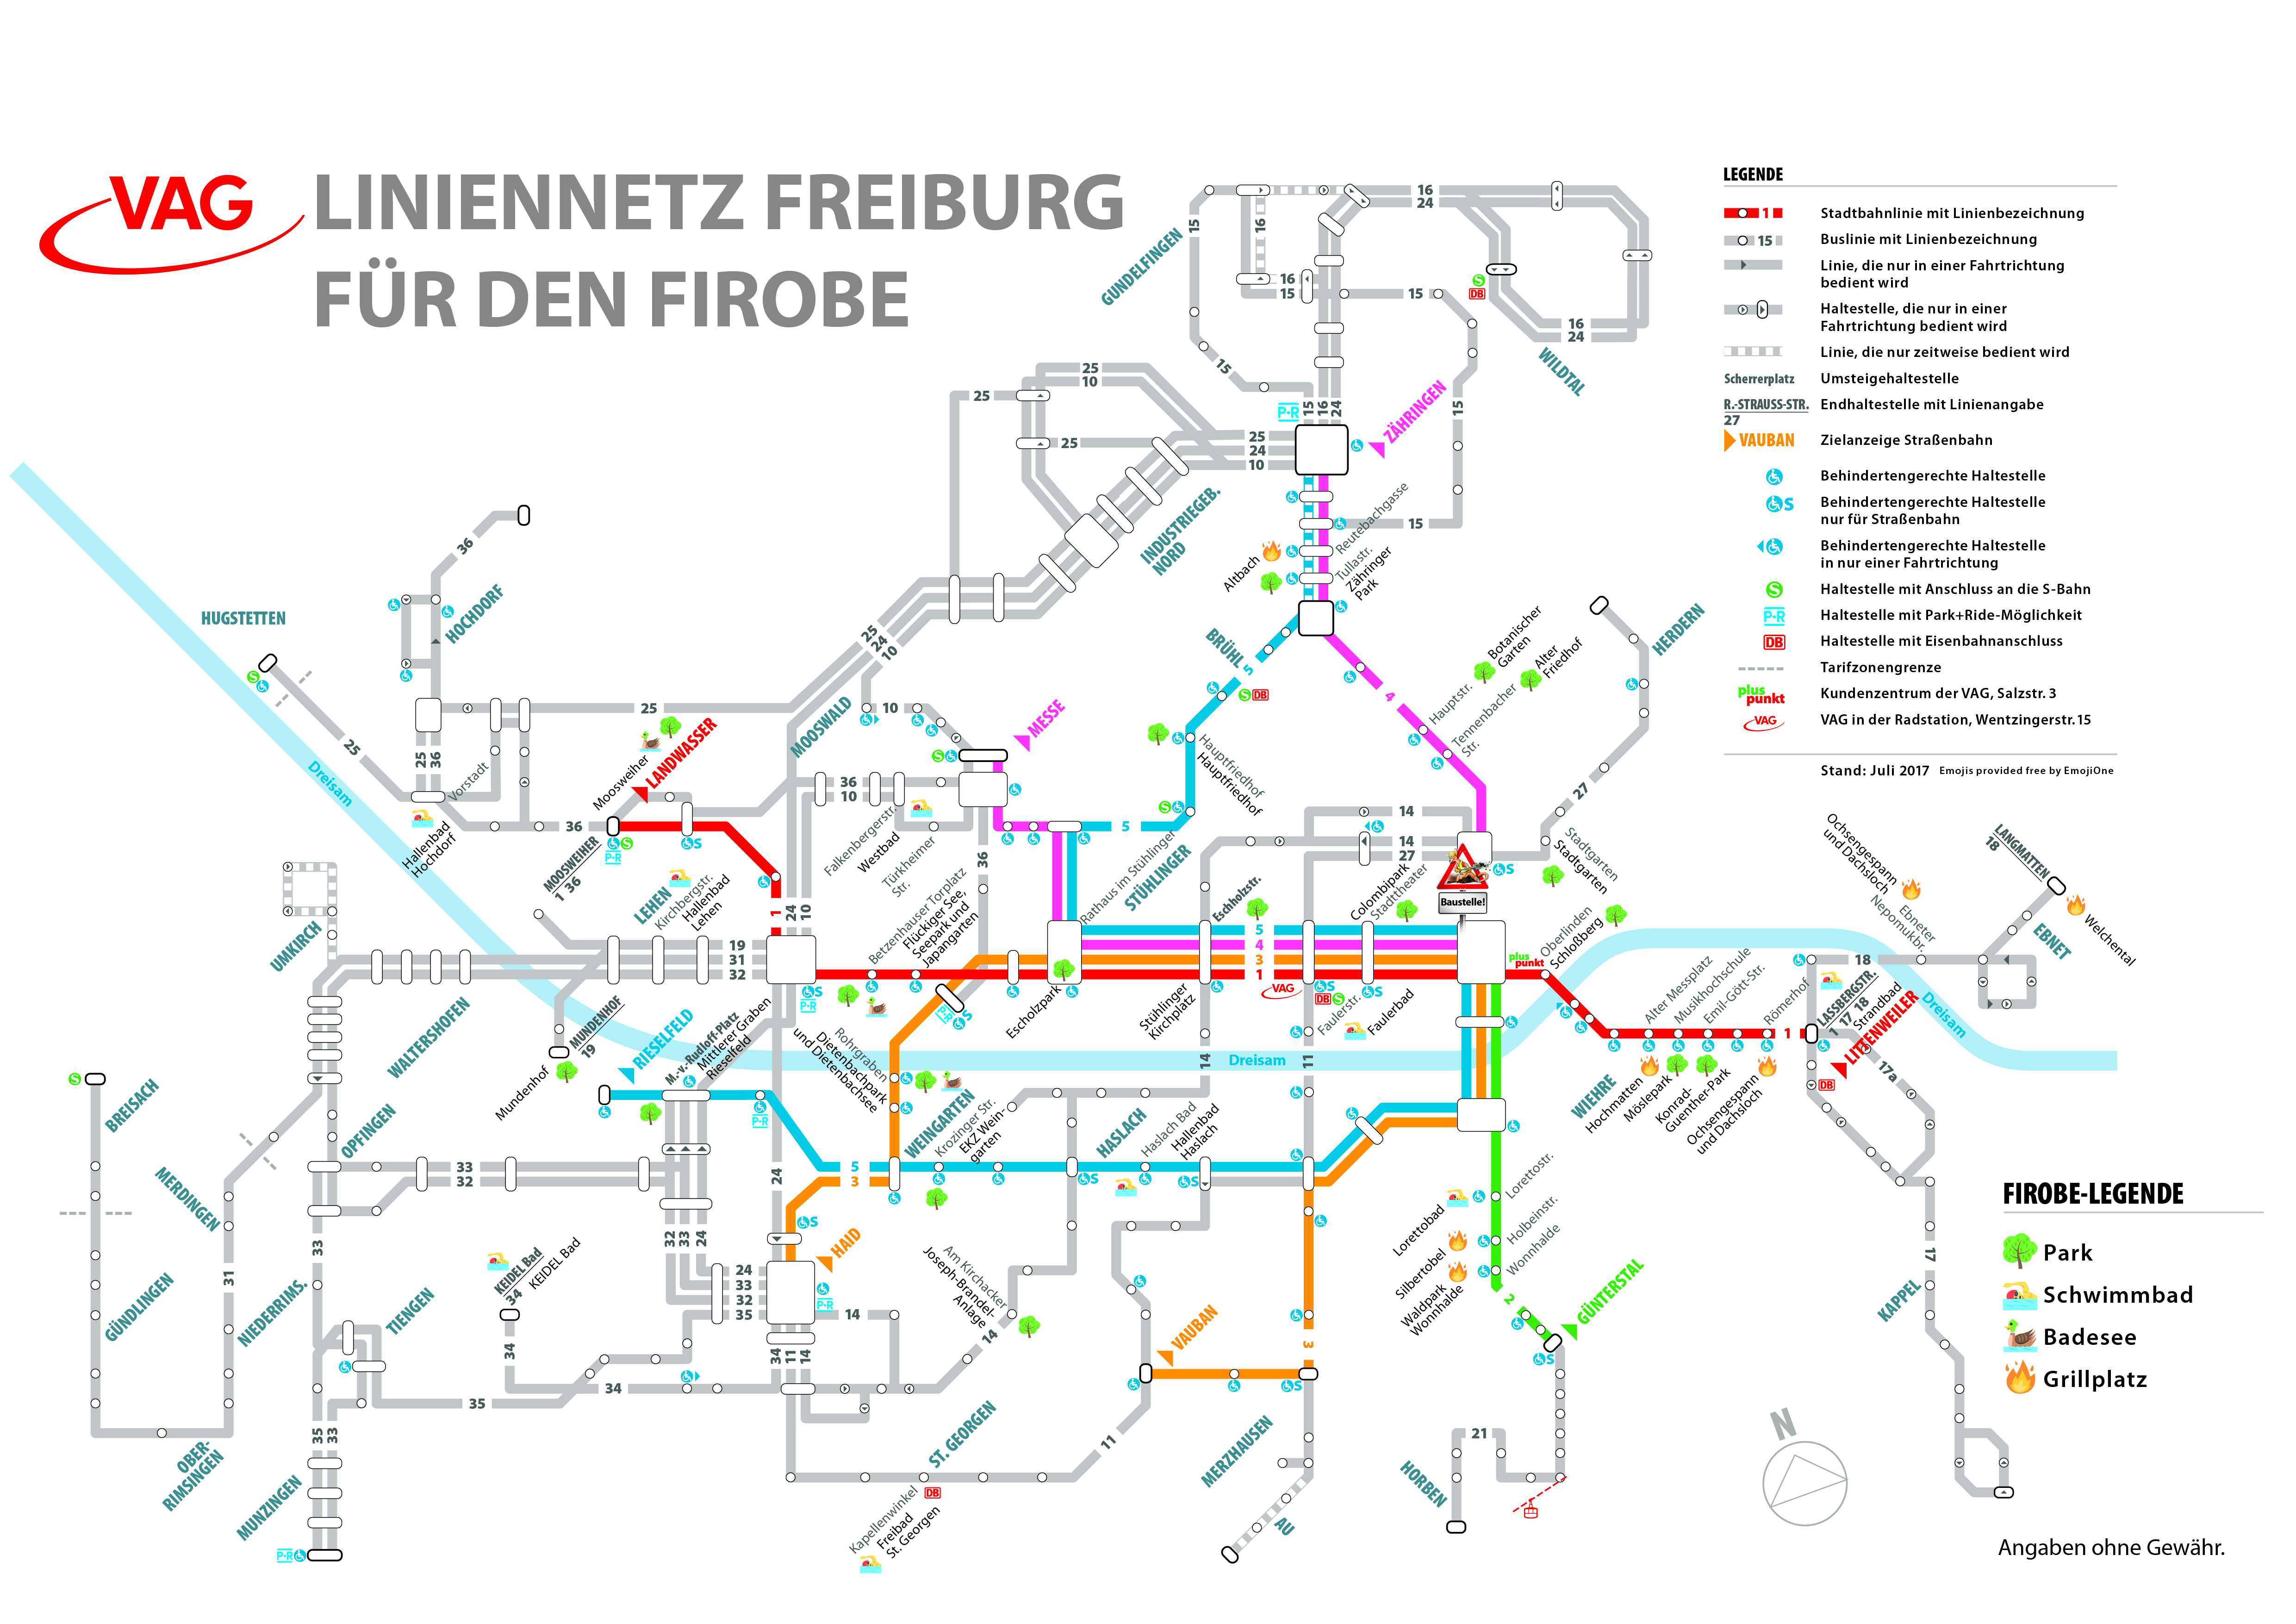 vag-freiburg.de